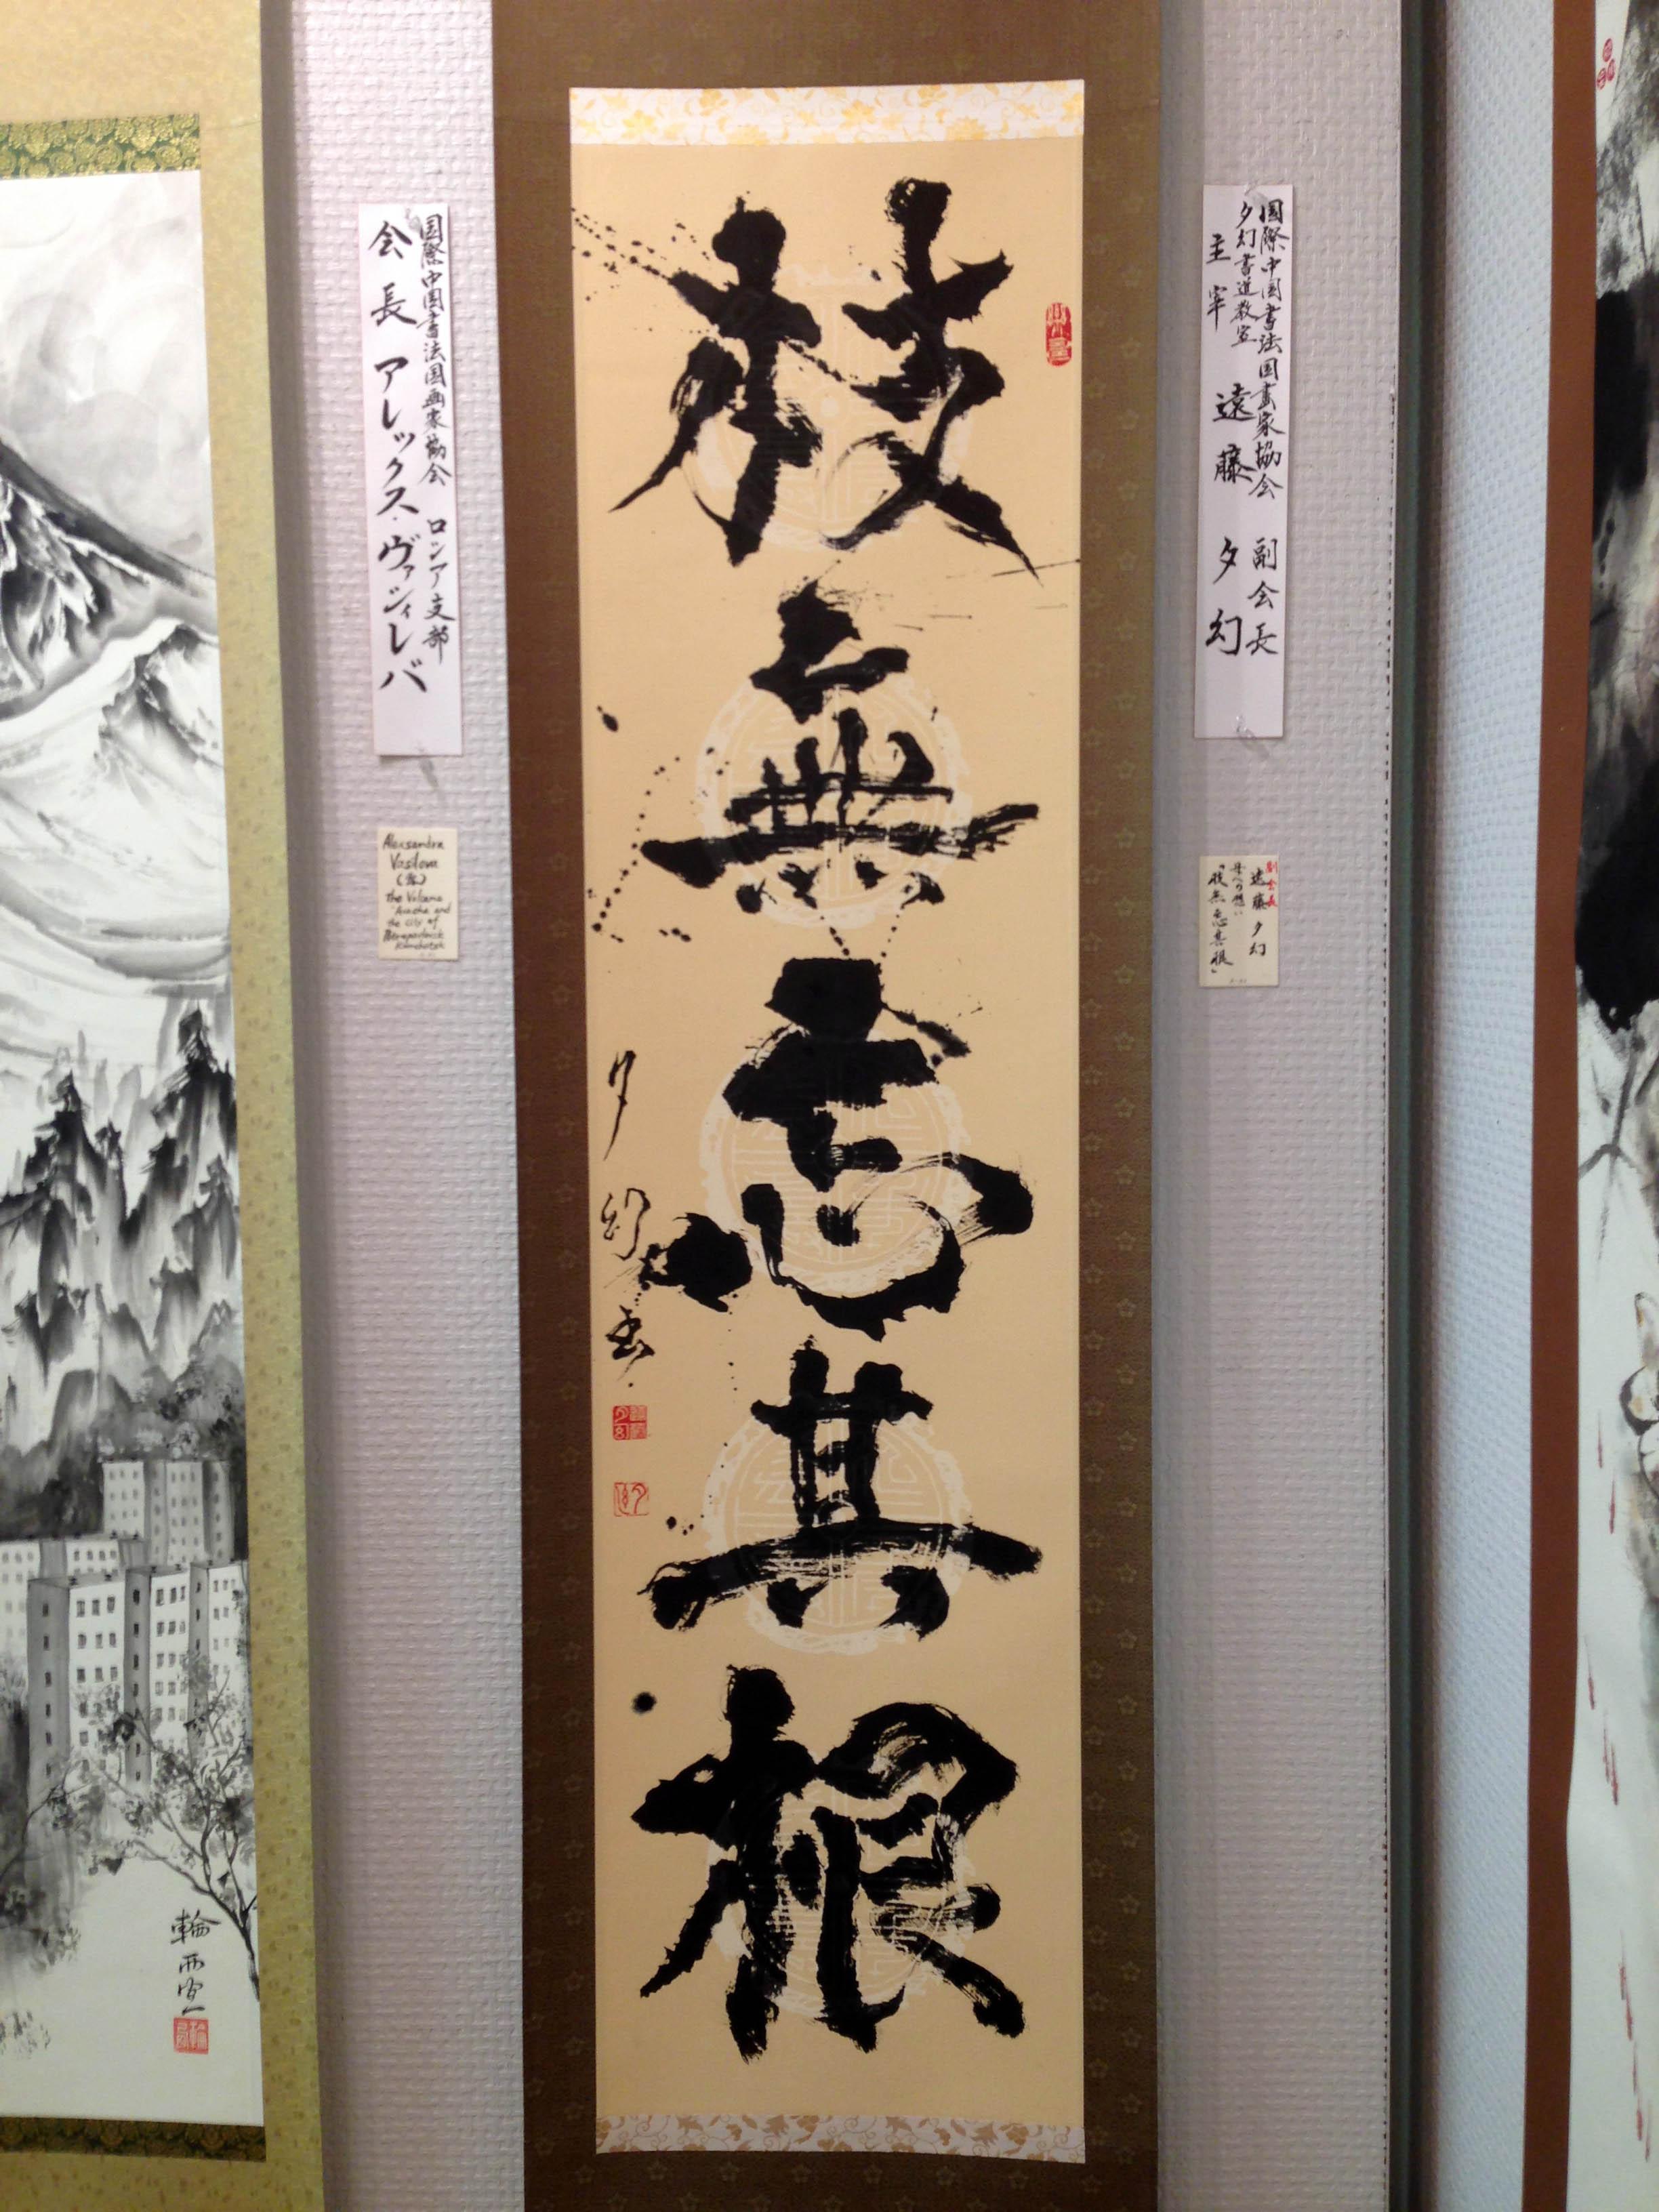 洛陽中国書法水墨画院展 出展作品 「枝無忘其根」 遠藤夕幻 書